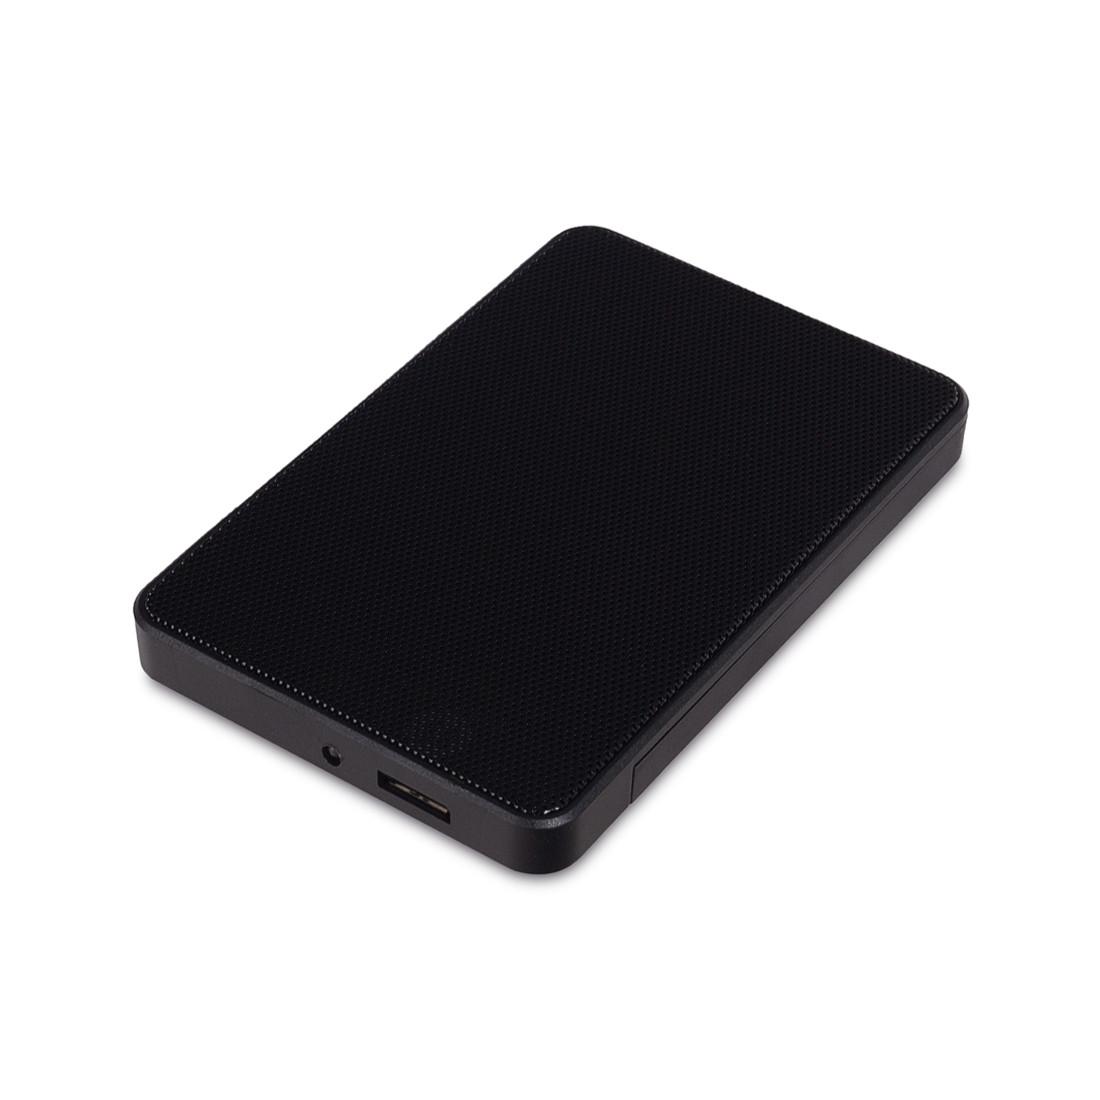 Внешний кейс для жёстких дисков Mobile Rack, X-Game, MR25U3 черный